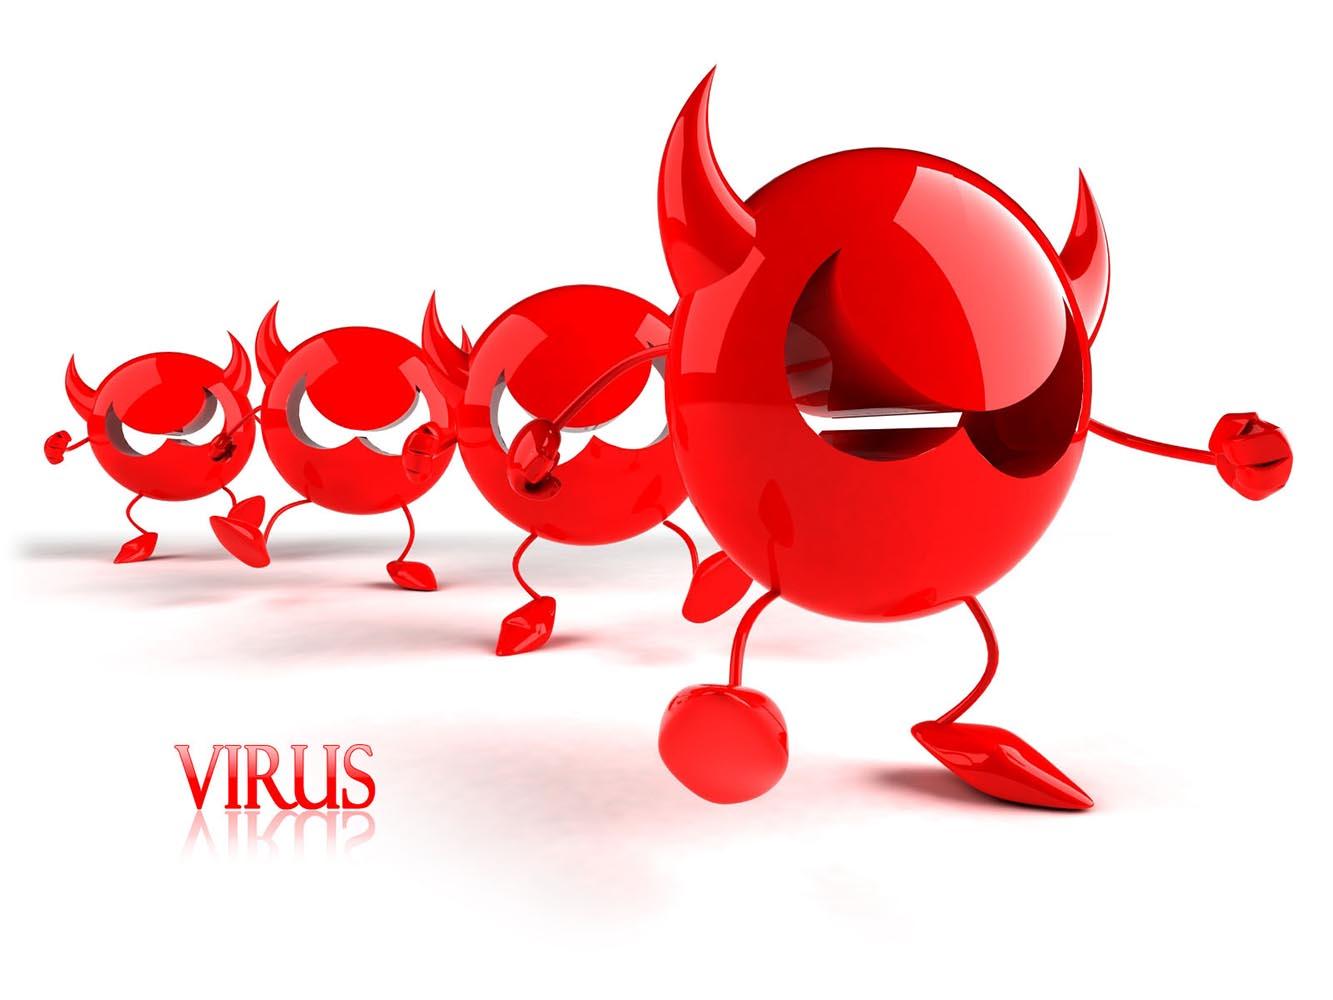 سیستمهای کامپیوتری چگونه به ویروس آلوده شدند ؟ + آموزش